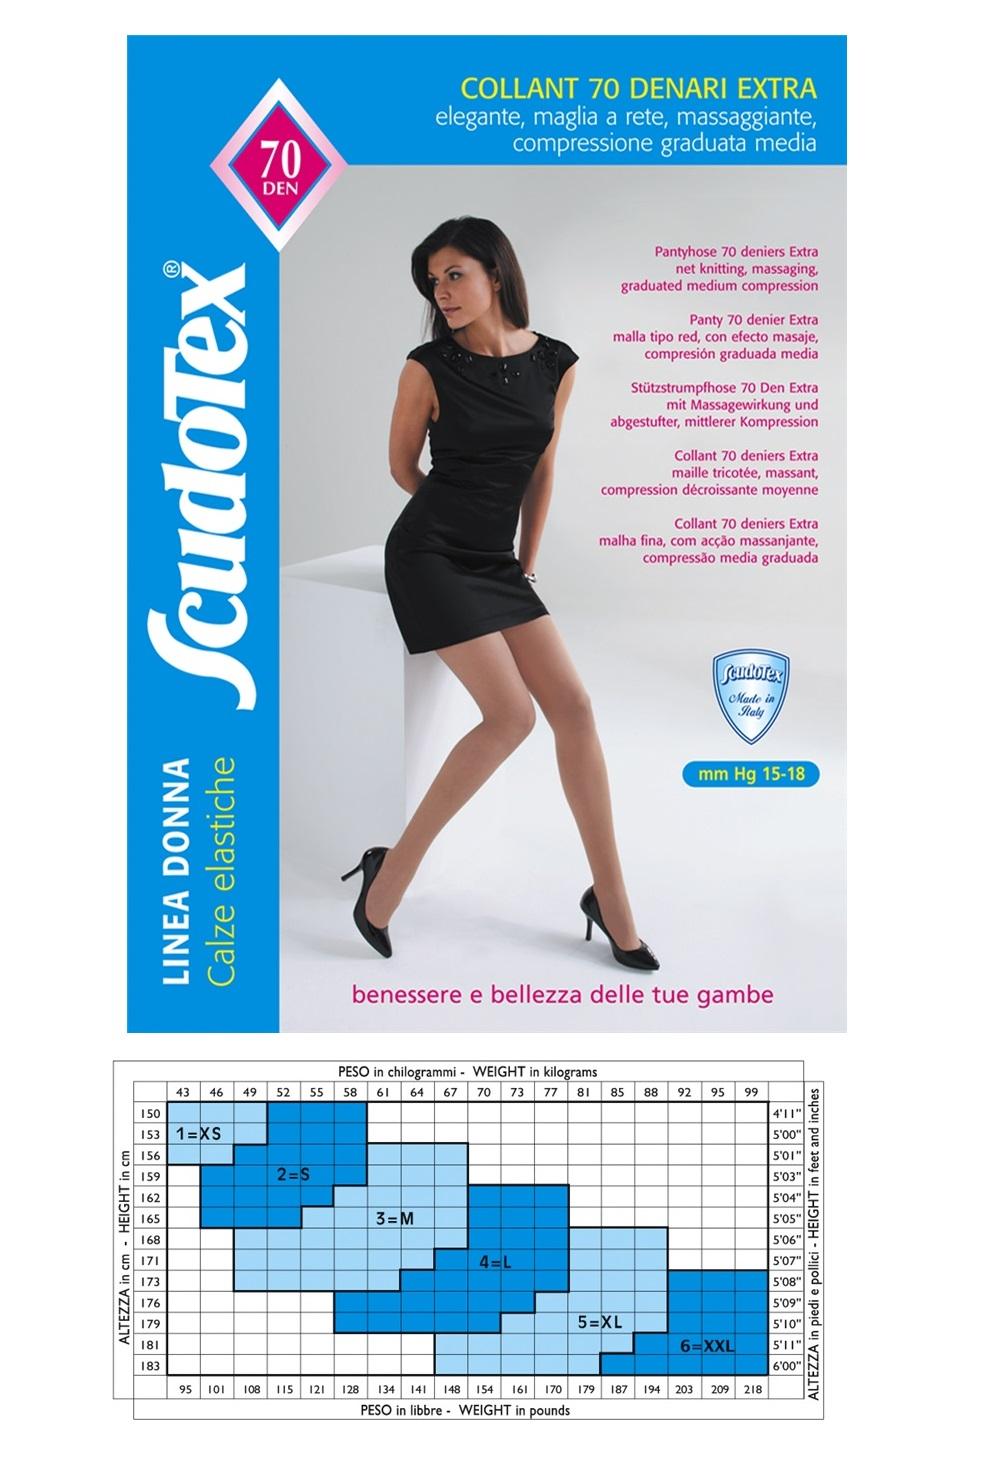 Collant 70 Extra ScudoTex Daino Taglia 6